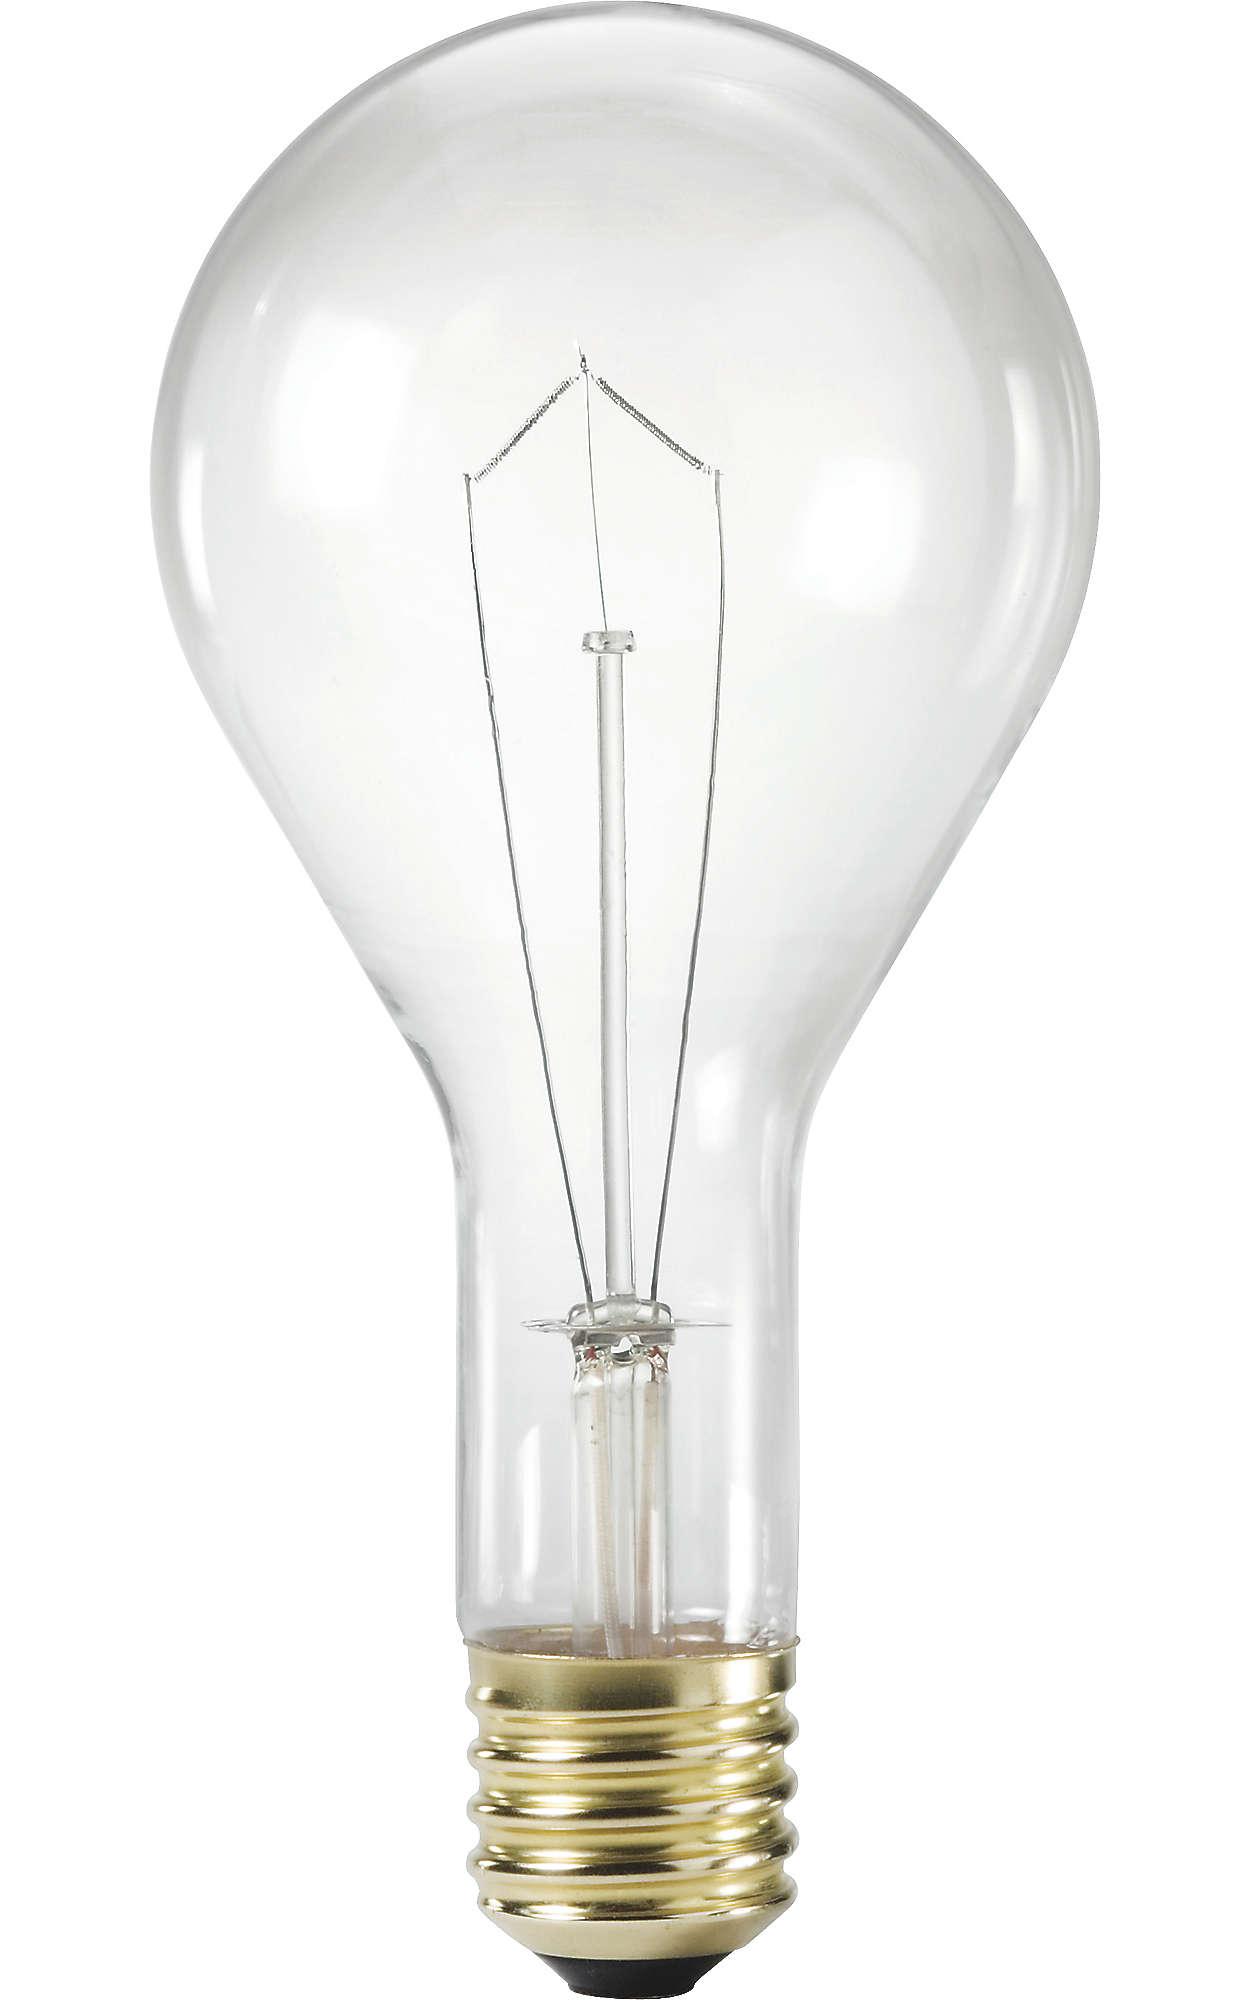 Lampes incandescentes à construction renforcée